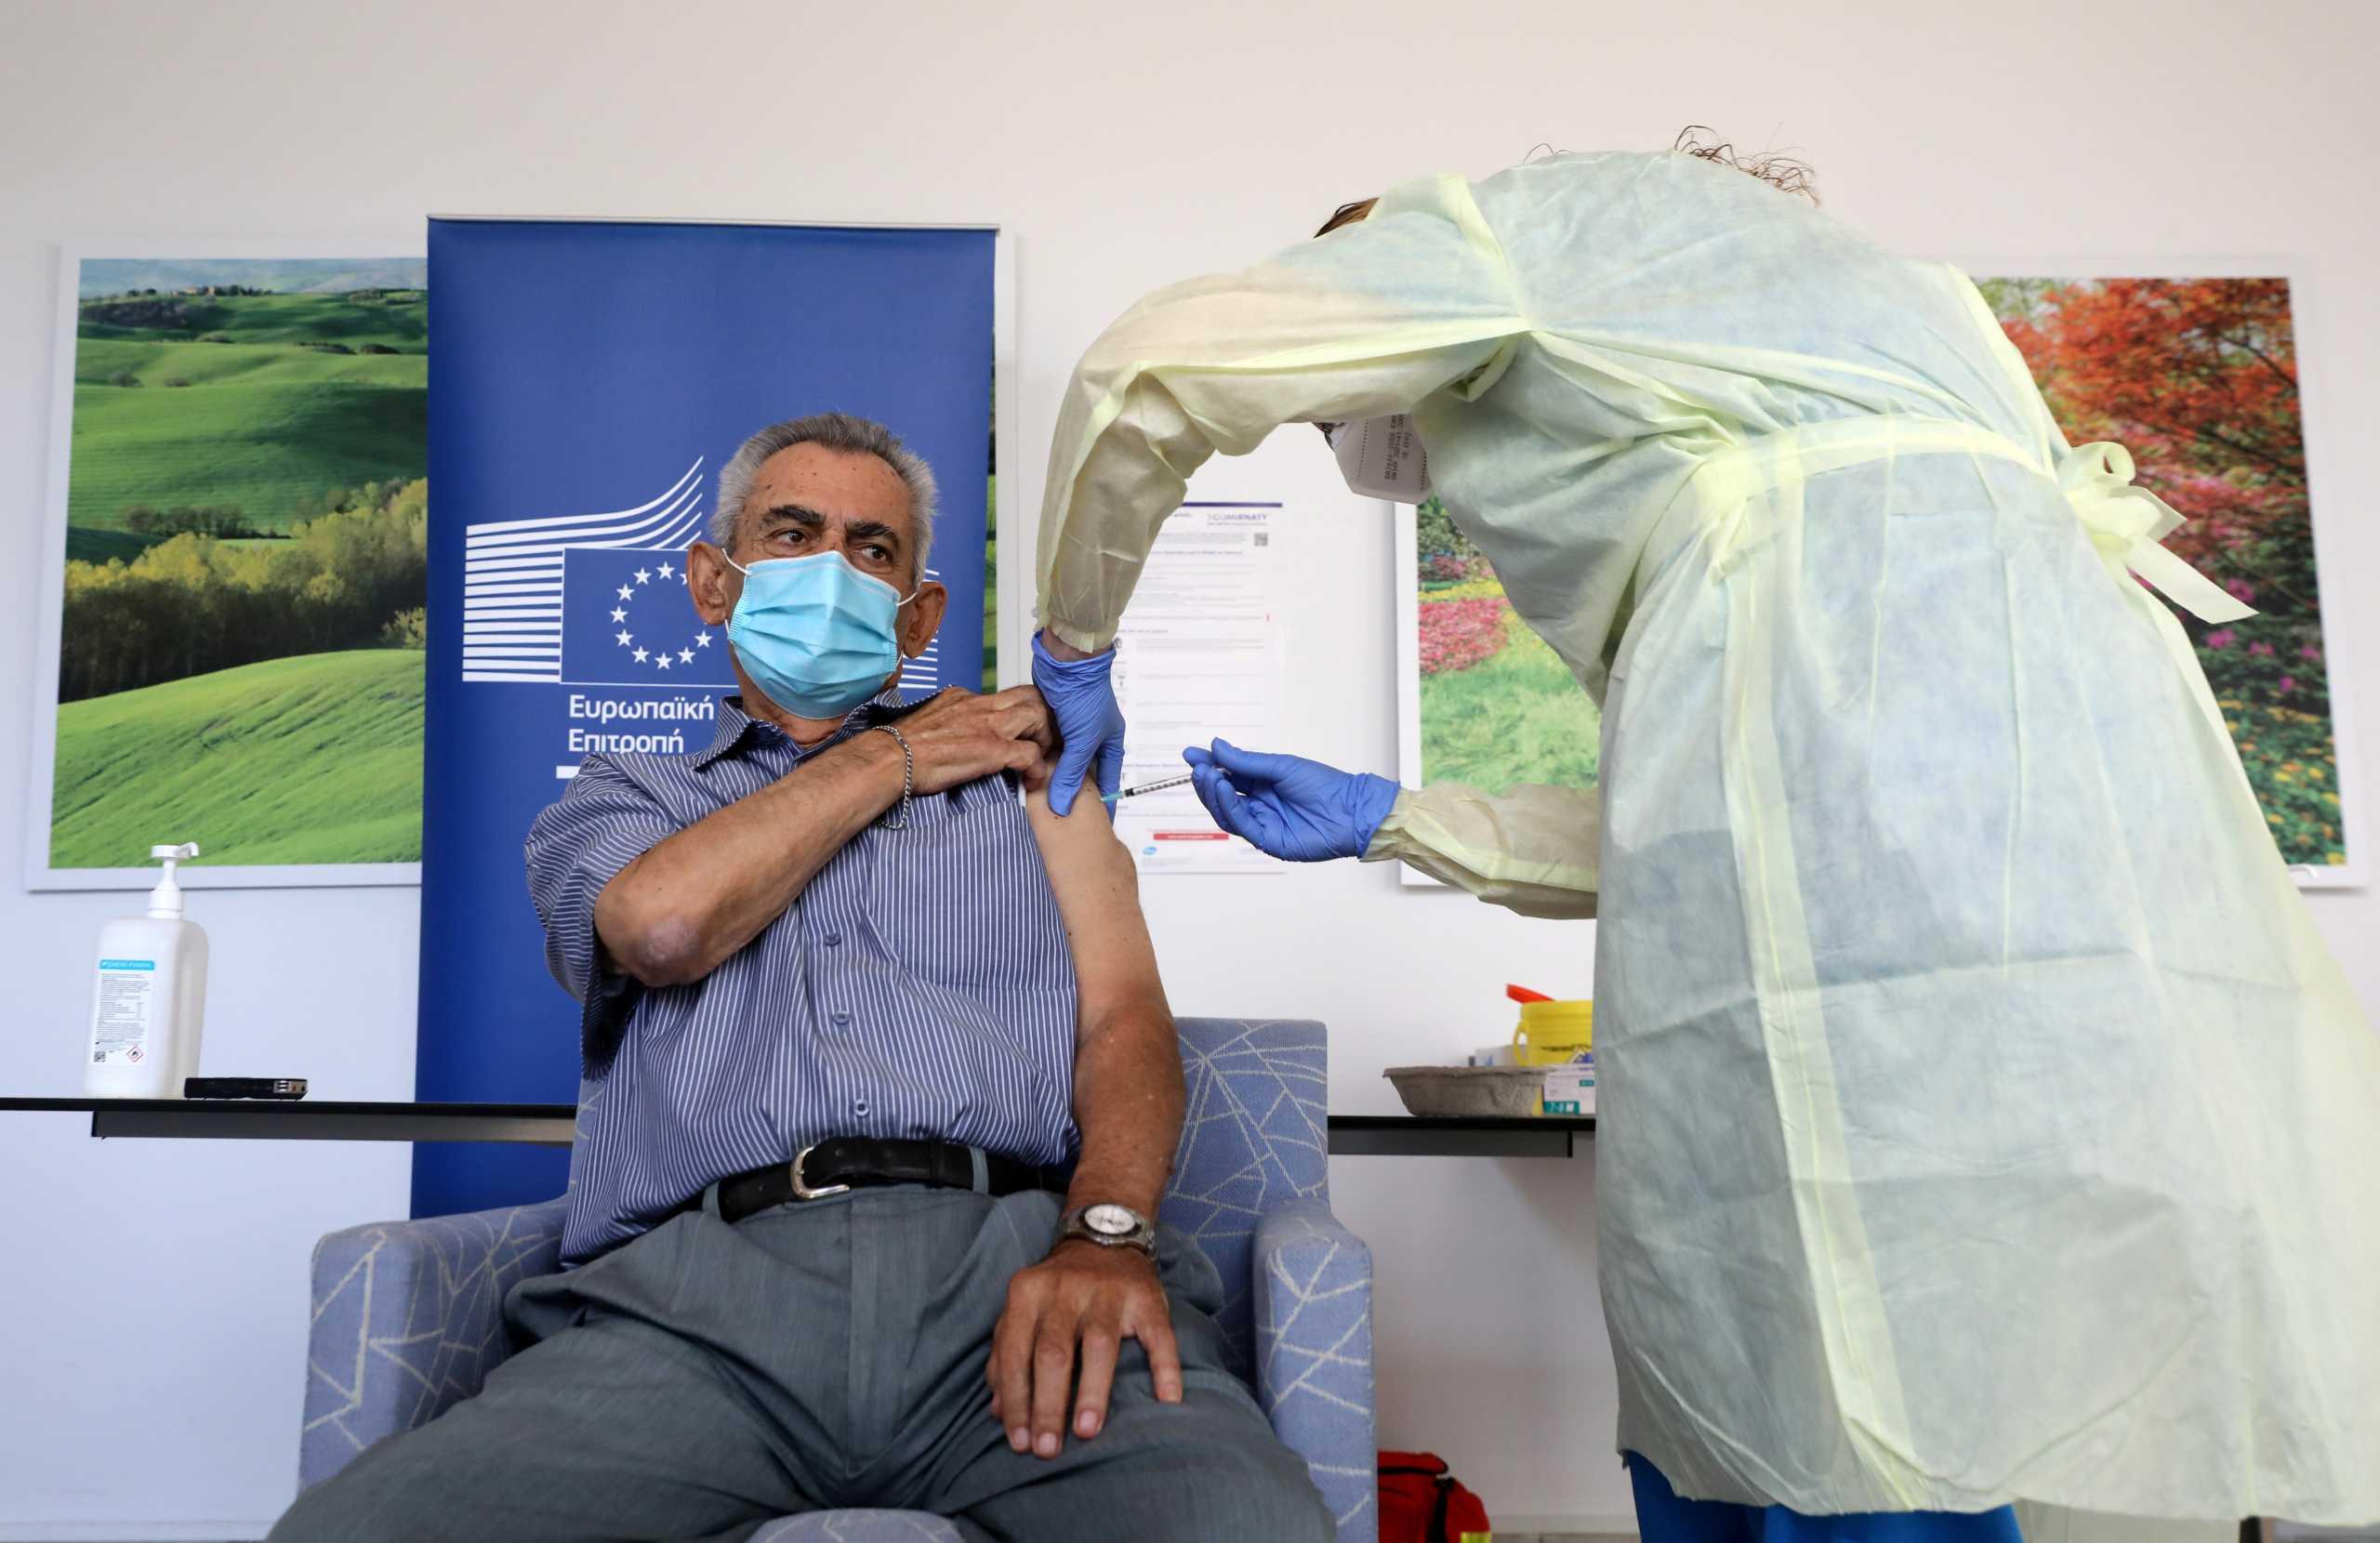 Ξεκίνησαν οι εμβολιασμοί και στην Κύπρο – Πότεεμβολιάζεται ο Αναστασιάδης (pics)